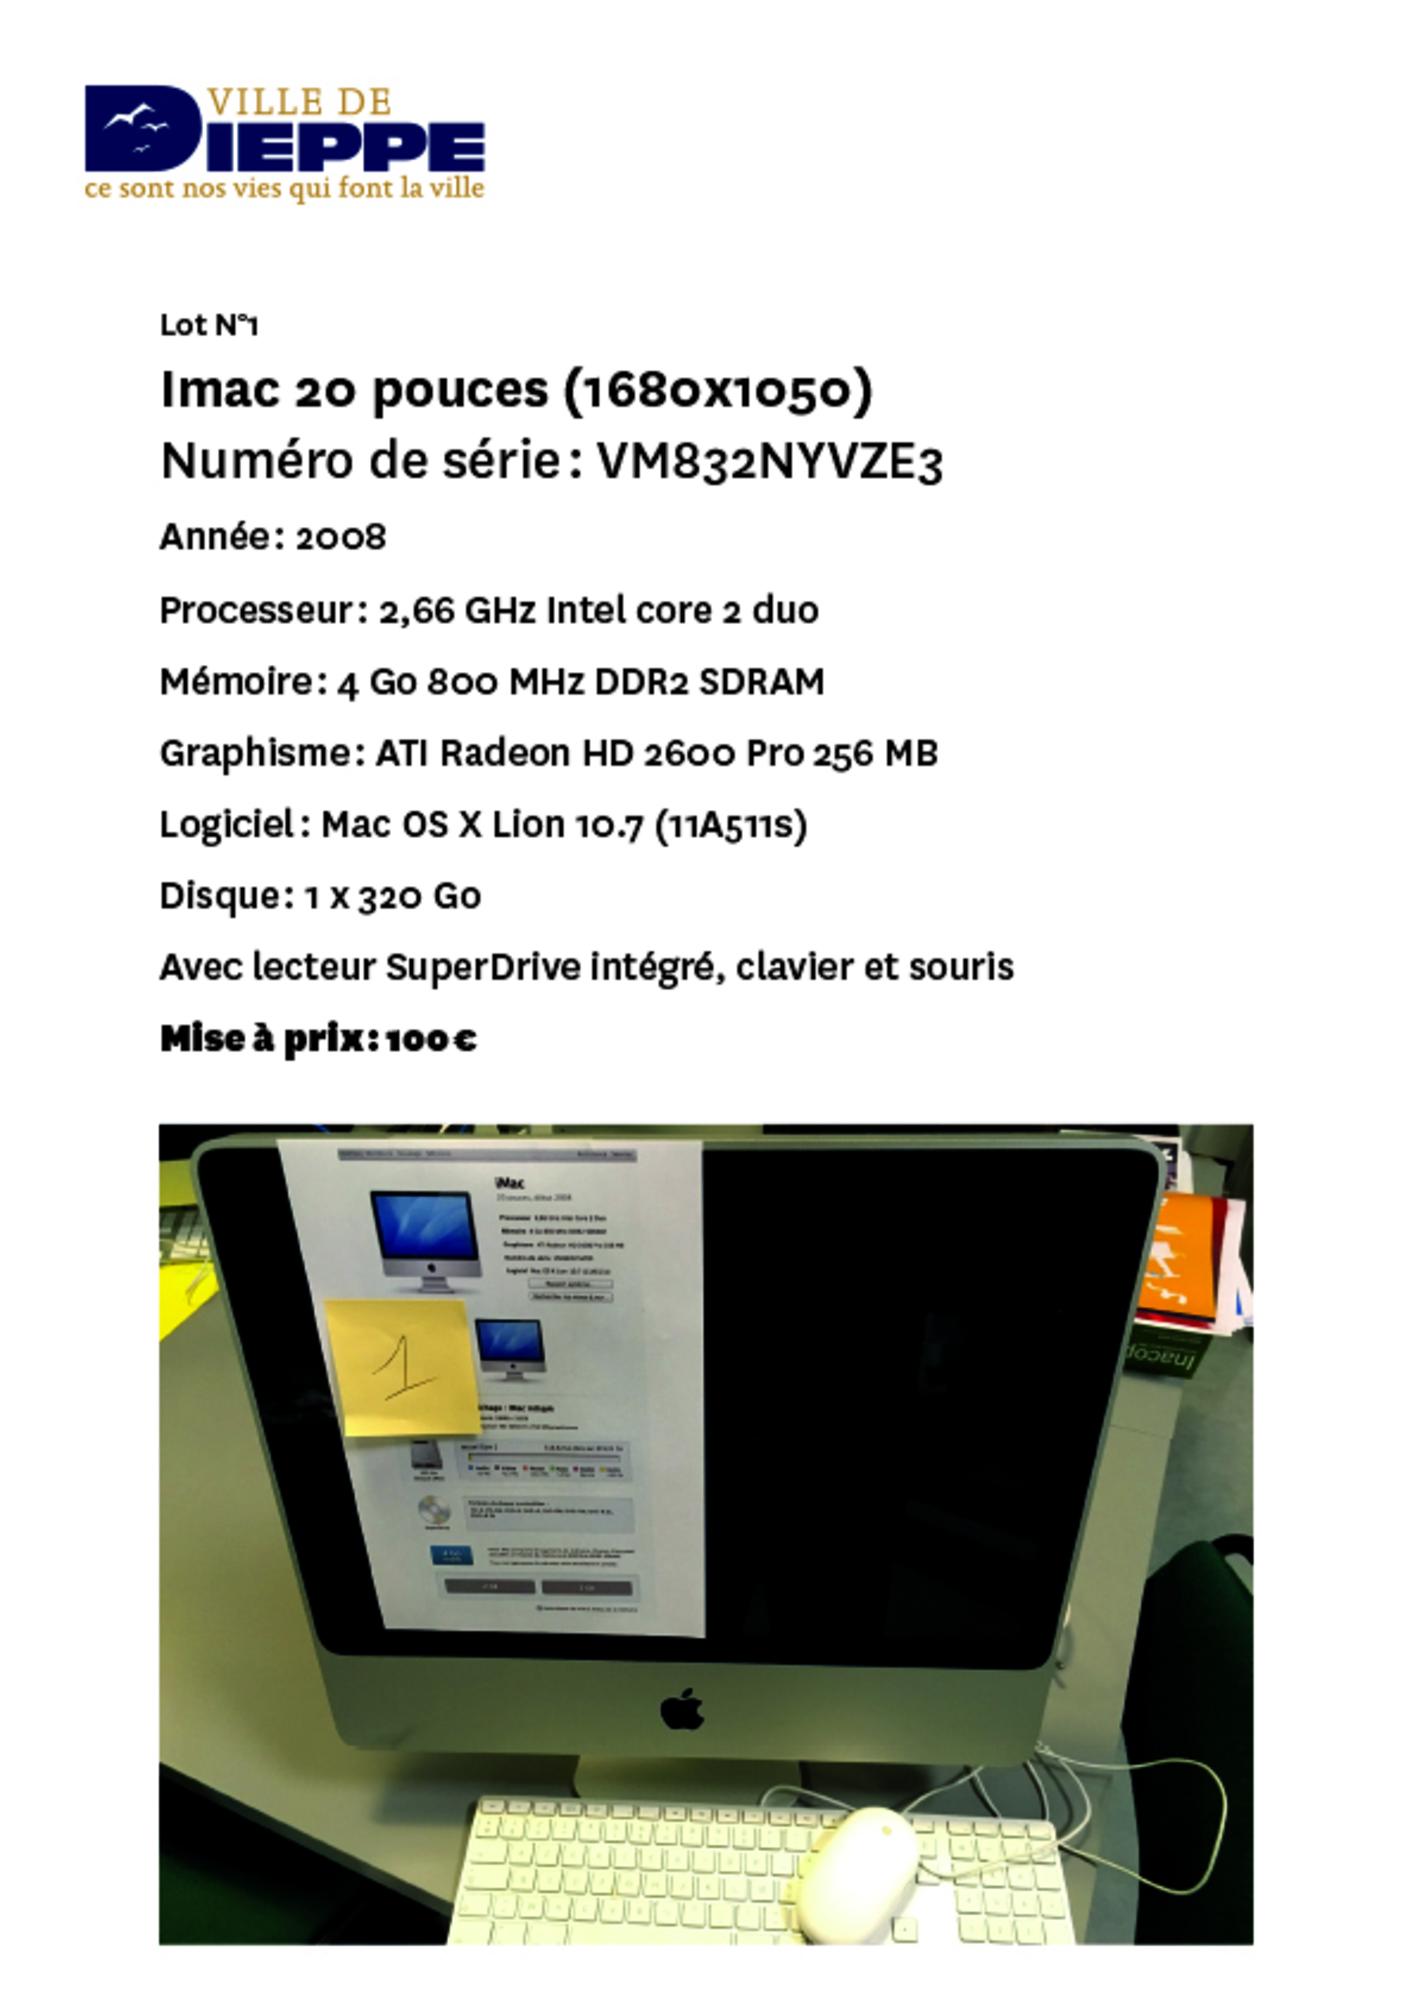 lot 1 imac 20 pouces 1650x1050 ordinateur ecran d. Black Bedroom Furniture Sets. Home Design Ideas